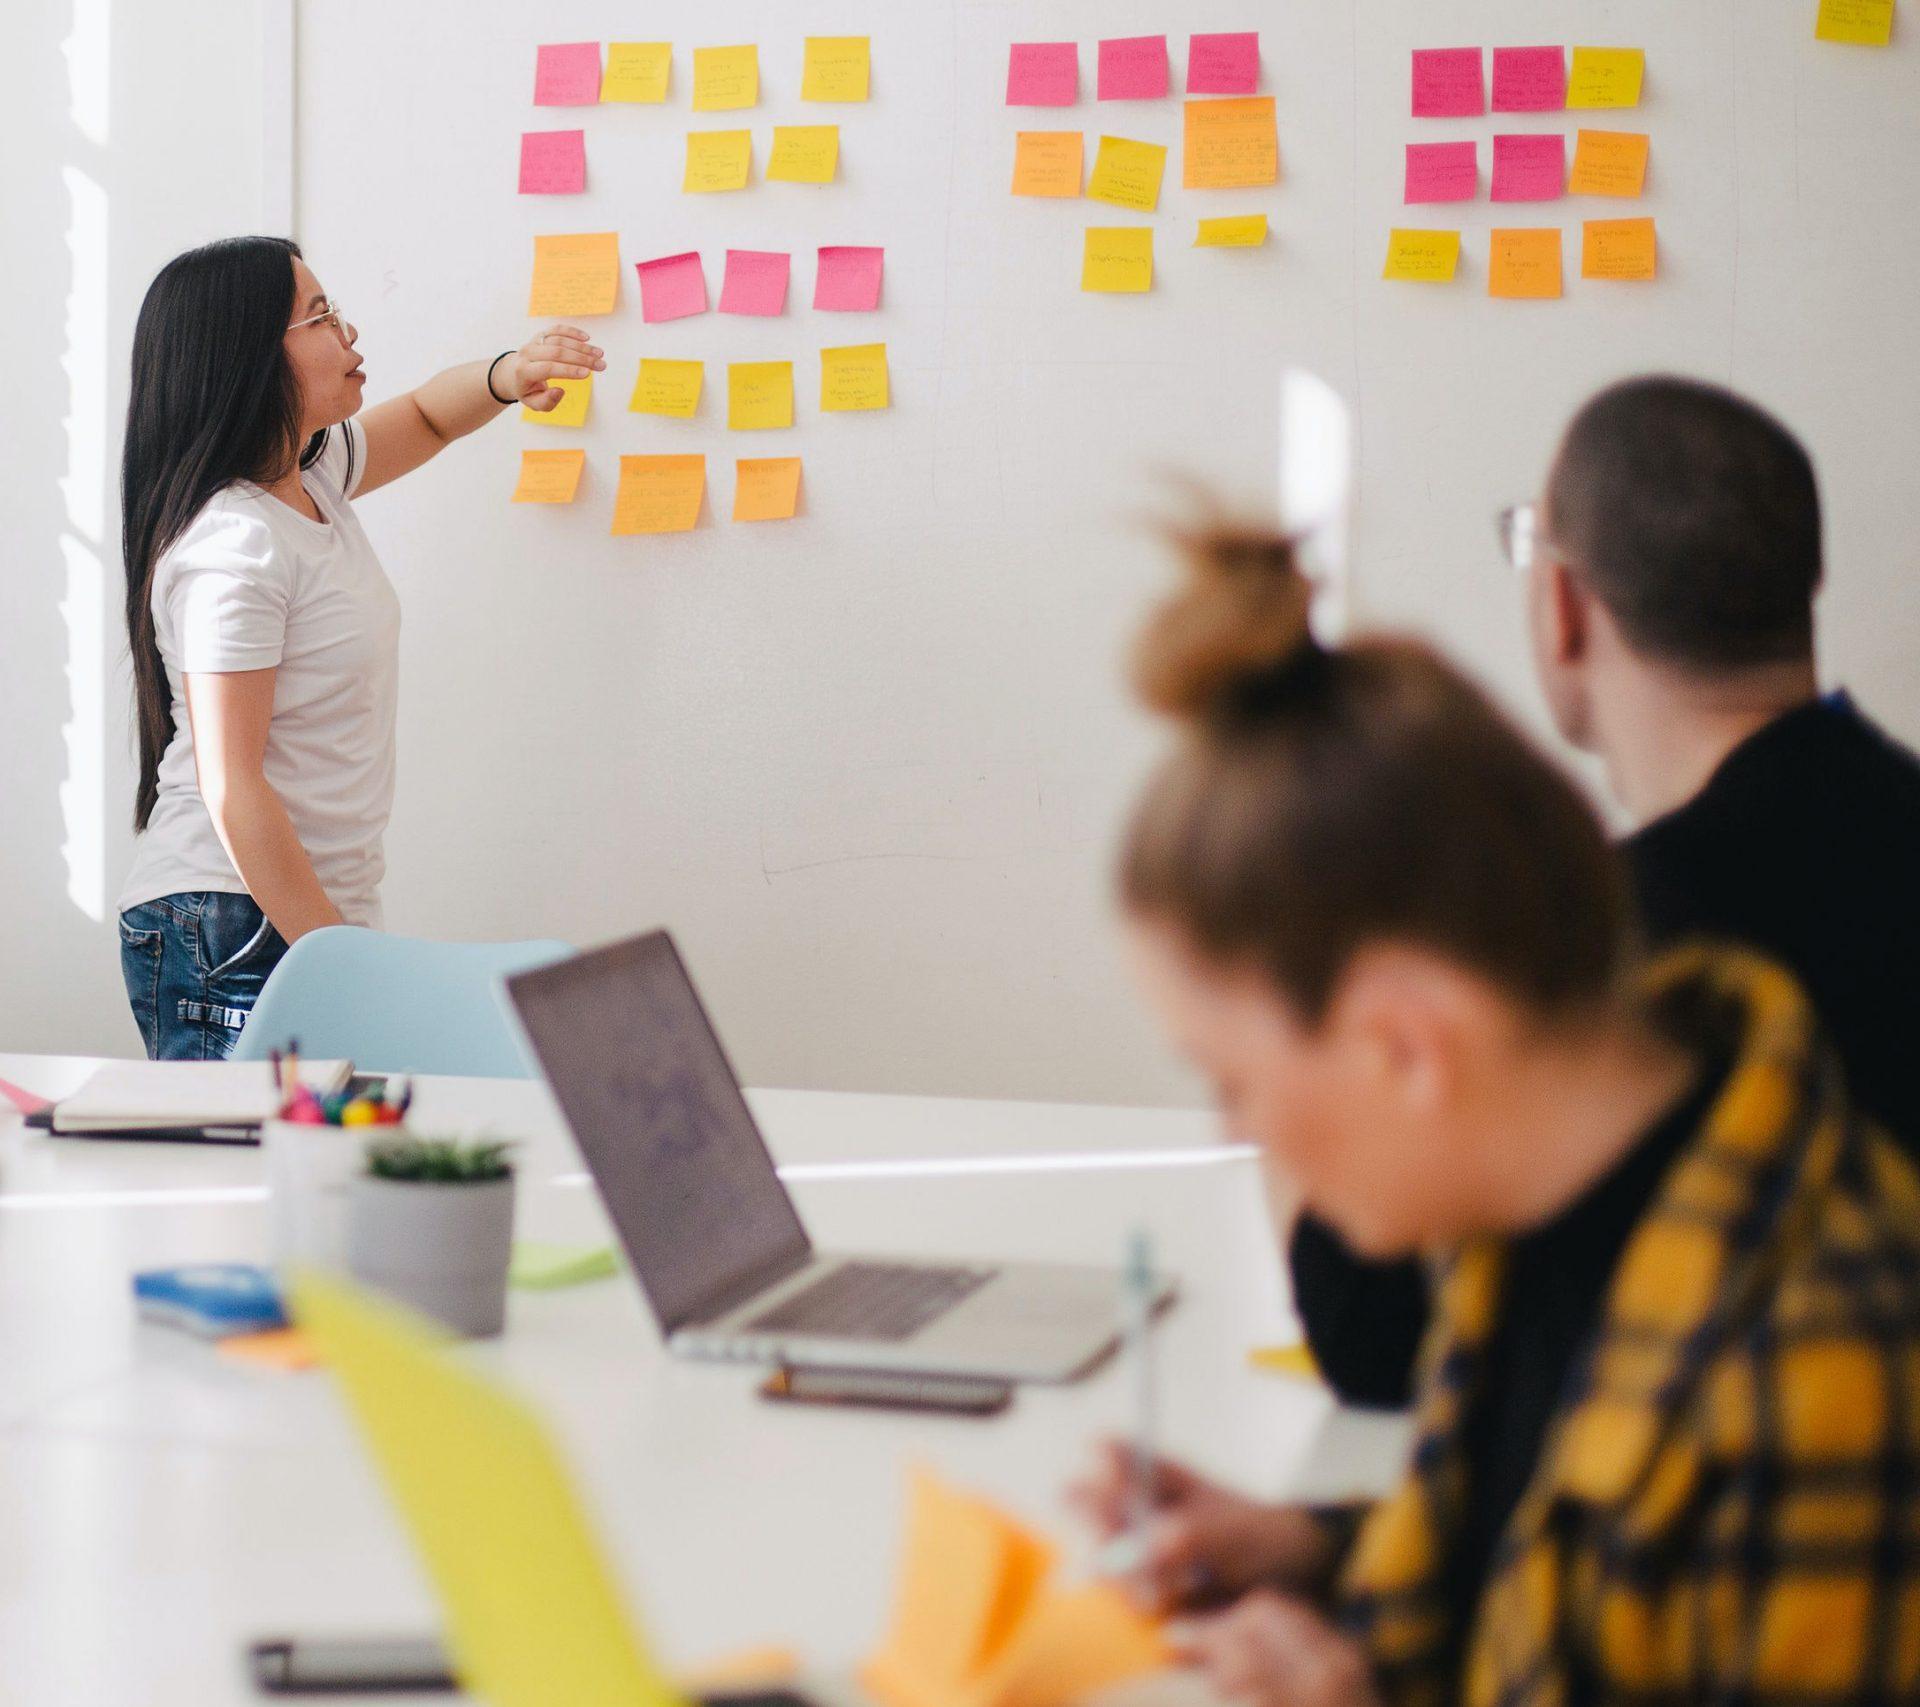 Kvinna som står längst fram vid en whiteboard och pekar på post-its. En kille och en tjej sitter vid ett bord i förgrunden.